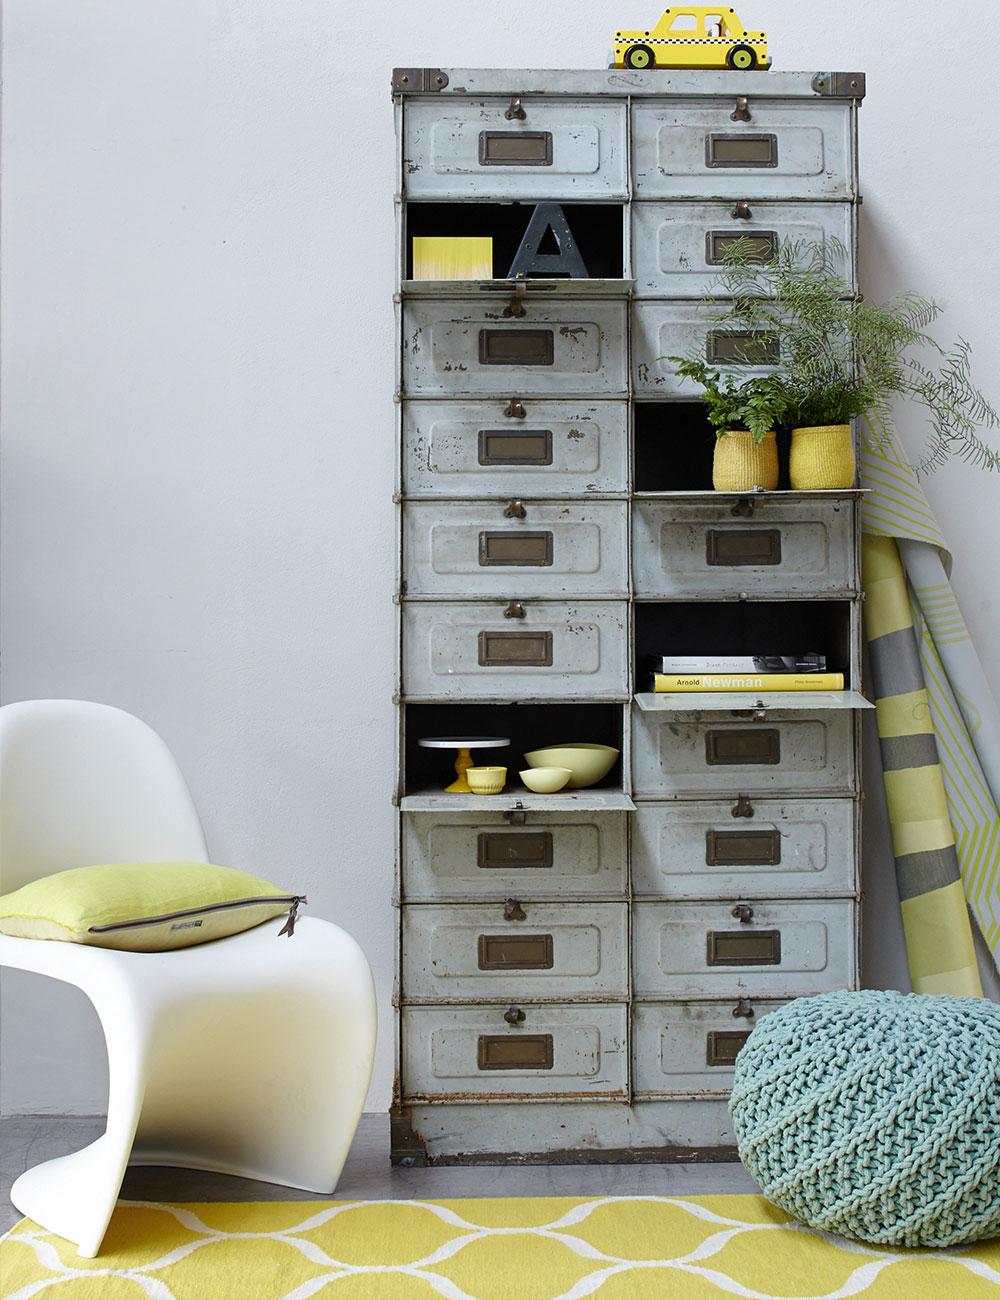 Peter Fehrentz interiordesign photography Innenarchitektur Fotografie Design Möbeldesign Furnituredesign Schöner Wohnen grey and yellow flowers industrial panton